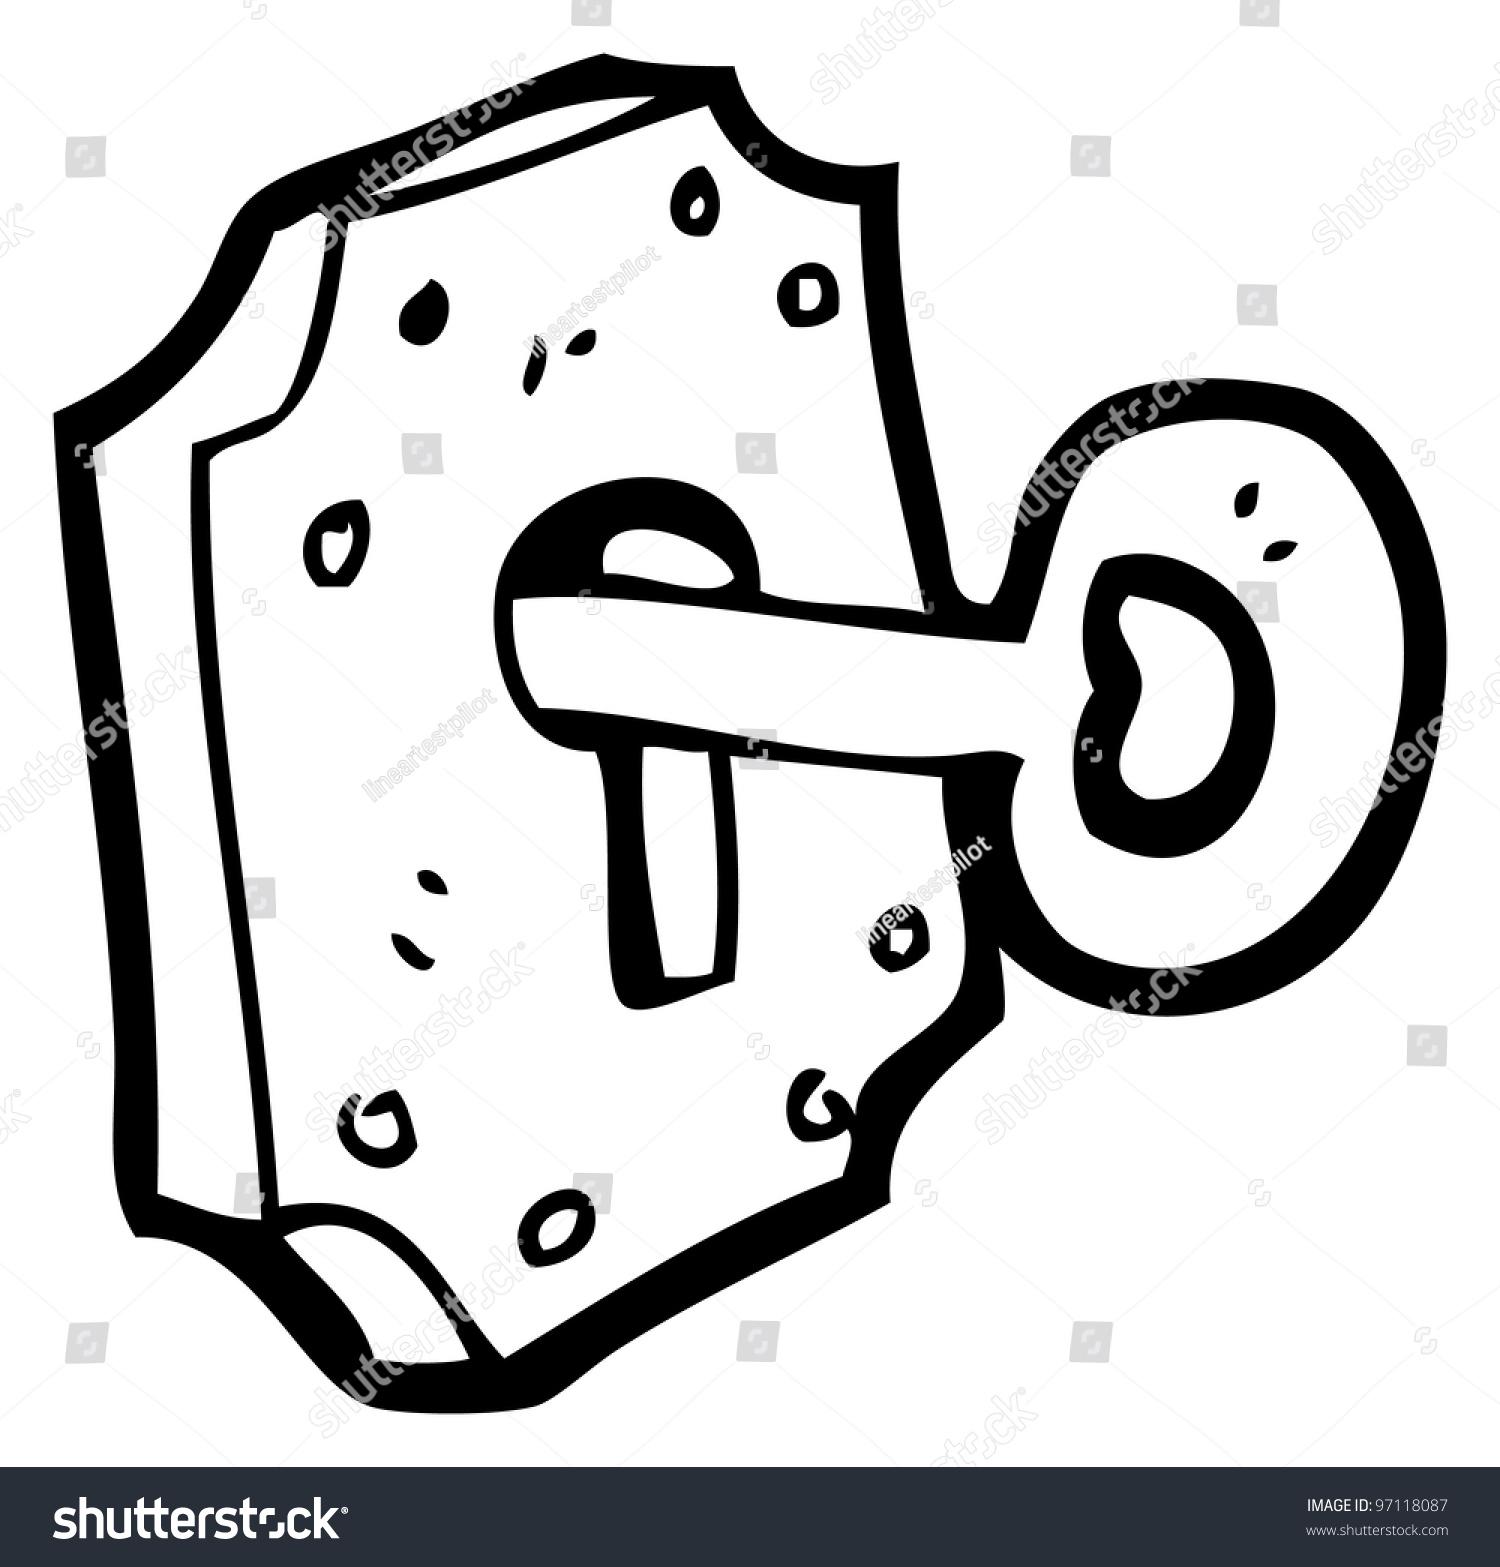 Key Lock Cartoon Stock Illustration 97118087 Shutterstock